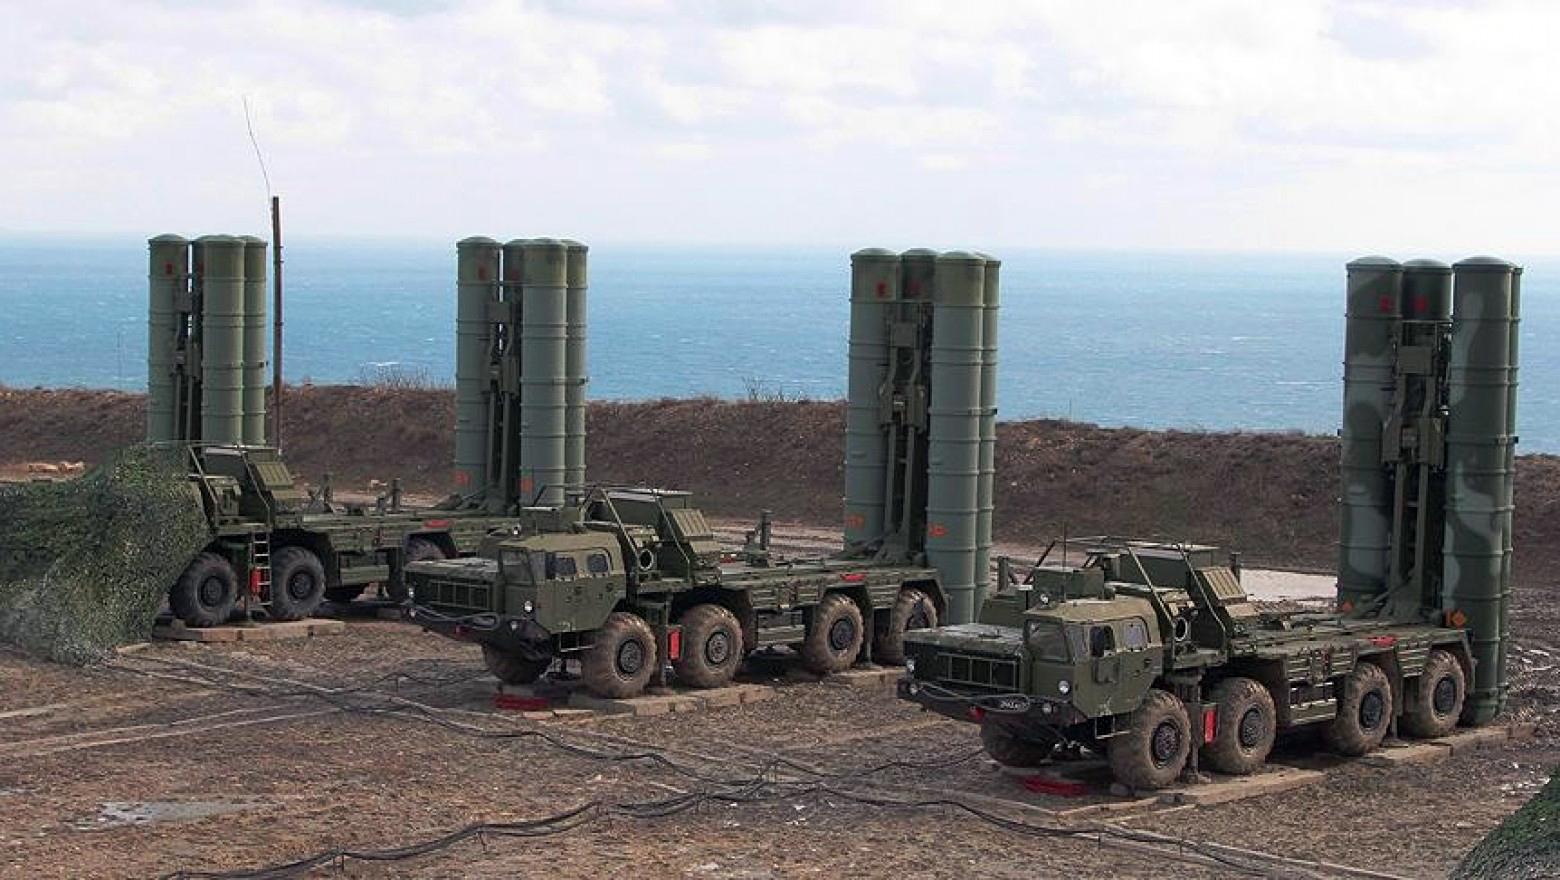 S400'ler ve Patriotların Türkiye'ye katkısı | Stratejik Düşünce Enstitüsü